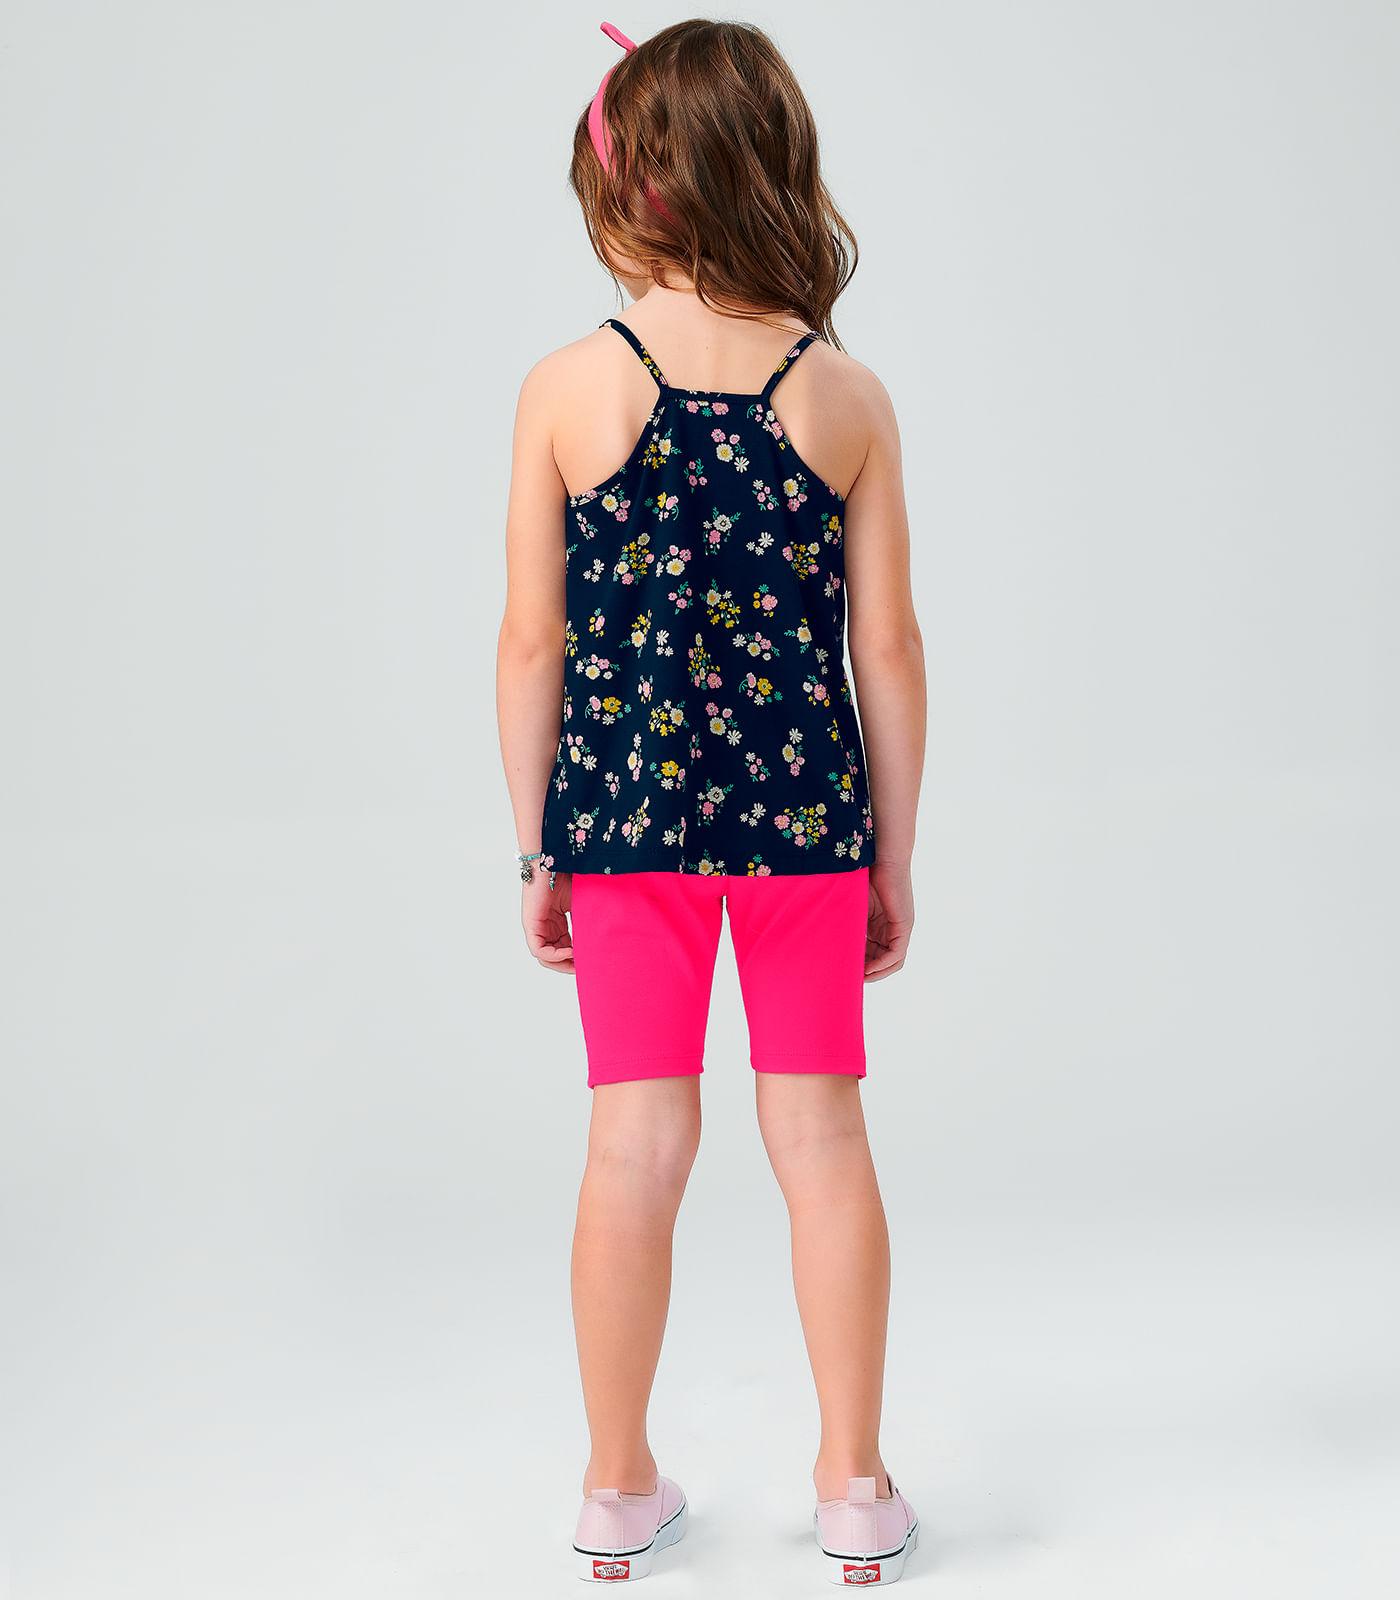 Conjunto-Feminino-Flowers-Rovitex-Kids-Azul